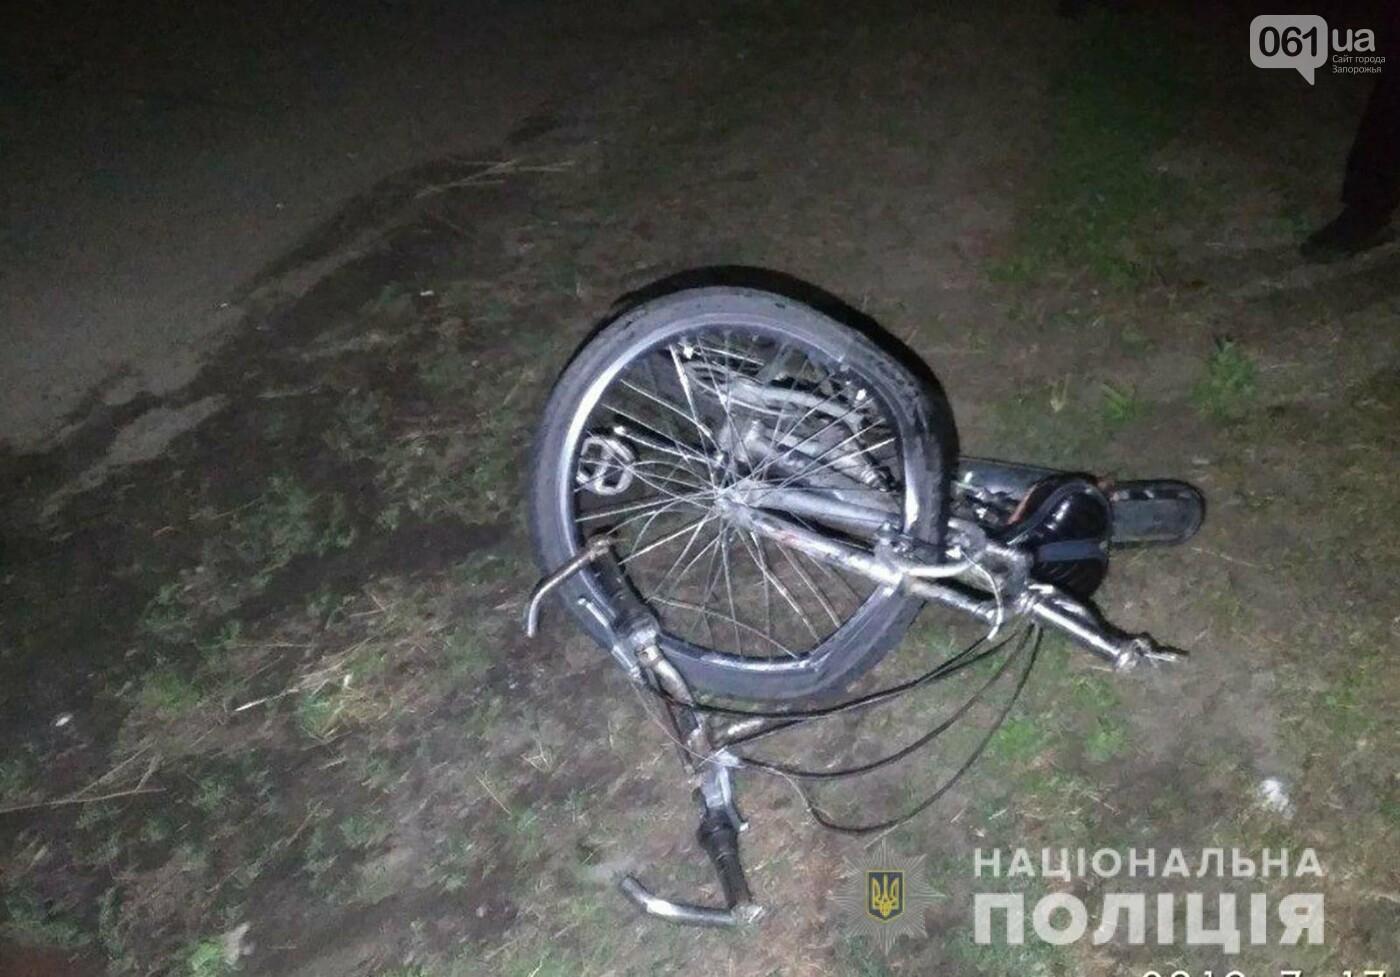 В Пологах пьяный водитель под наркотиками насмерть сбил двух велосипедистов: мальчик умер в больнице, - ФОТО, фото-3